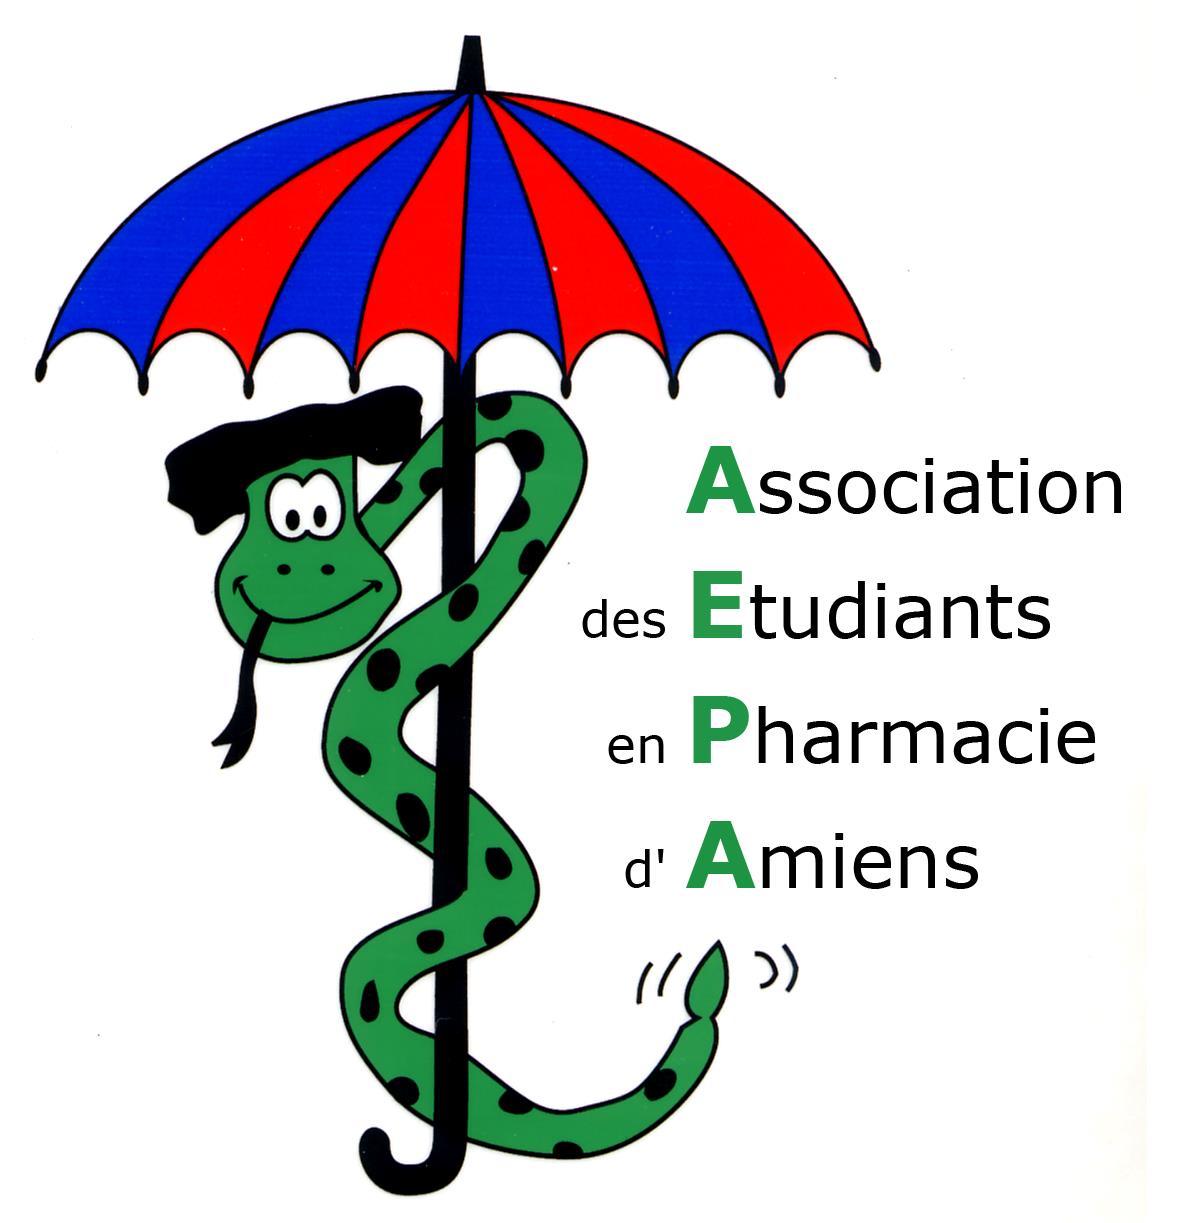 Association - Association des Étudiants en Pharmacie d'Amiens